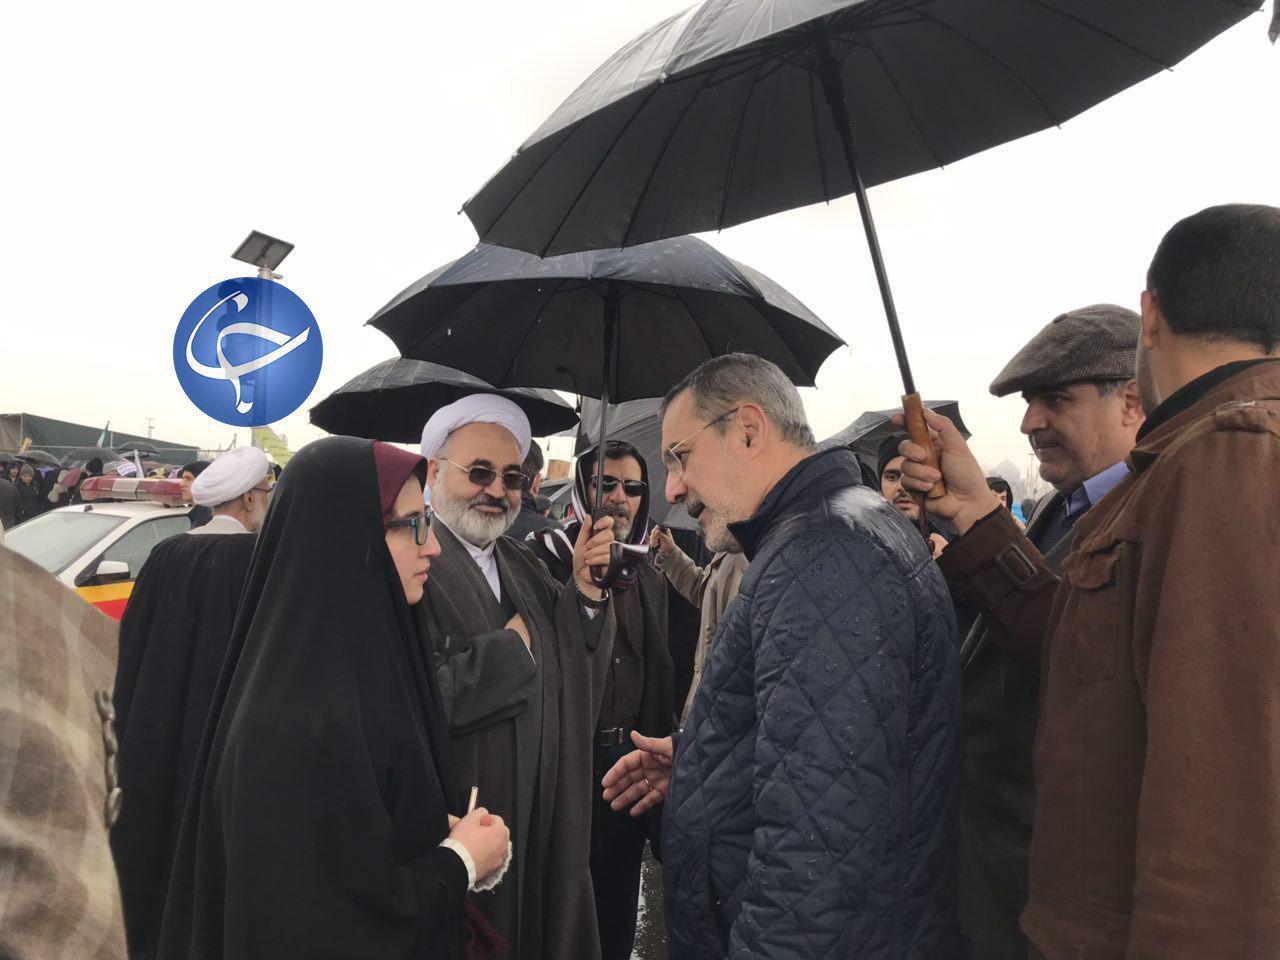 گفت و گوی وزیر آموزش و پرورش با دانش آموزان در حاشیه راهپیمایی ۲۲ بهمن